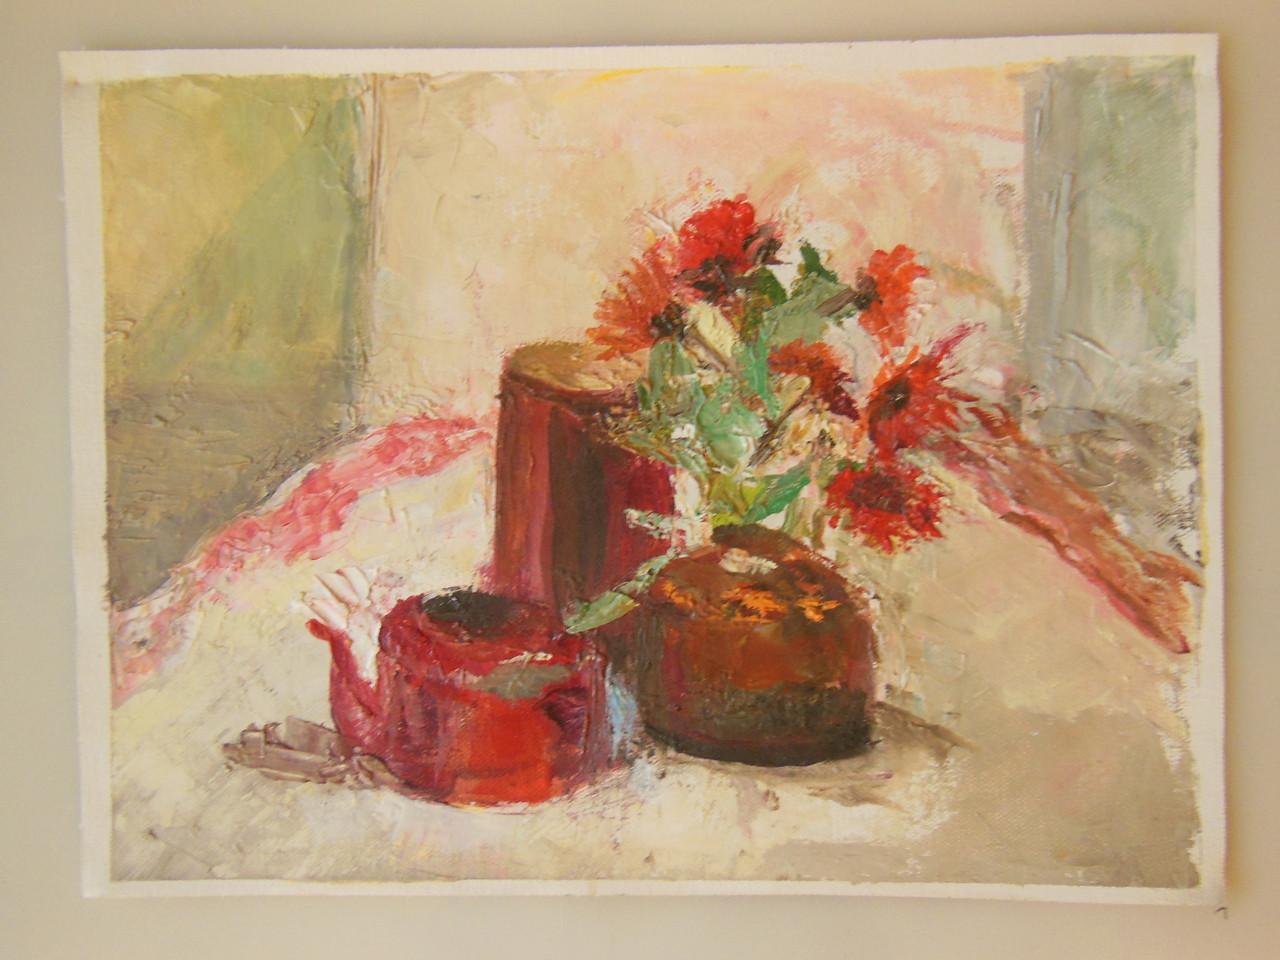 Tamara S Gordon. Still Life.  Oil on Canvas Paper.  #9